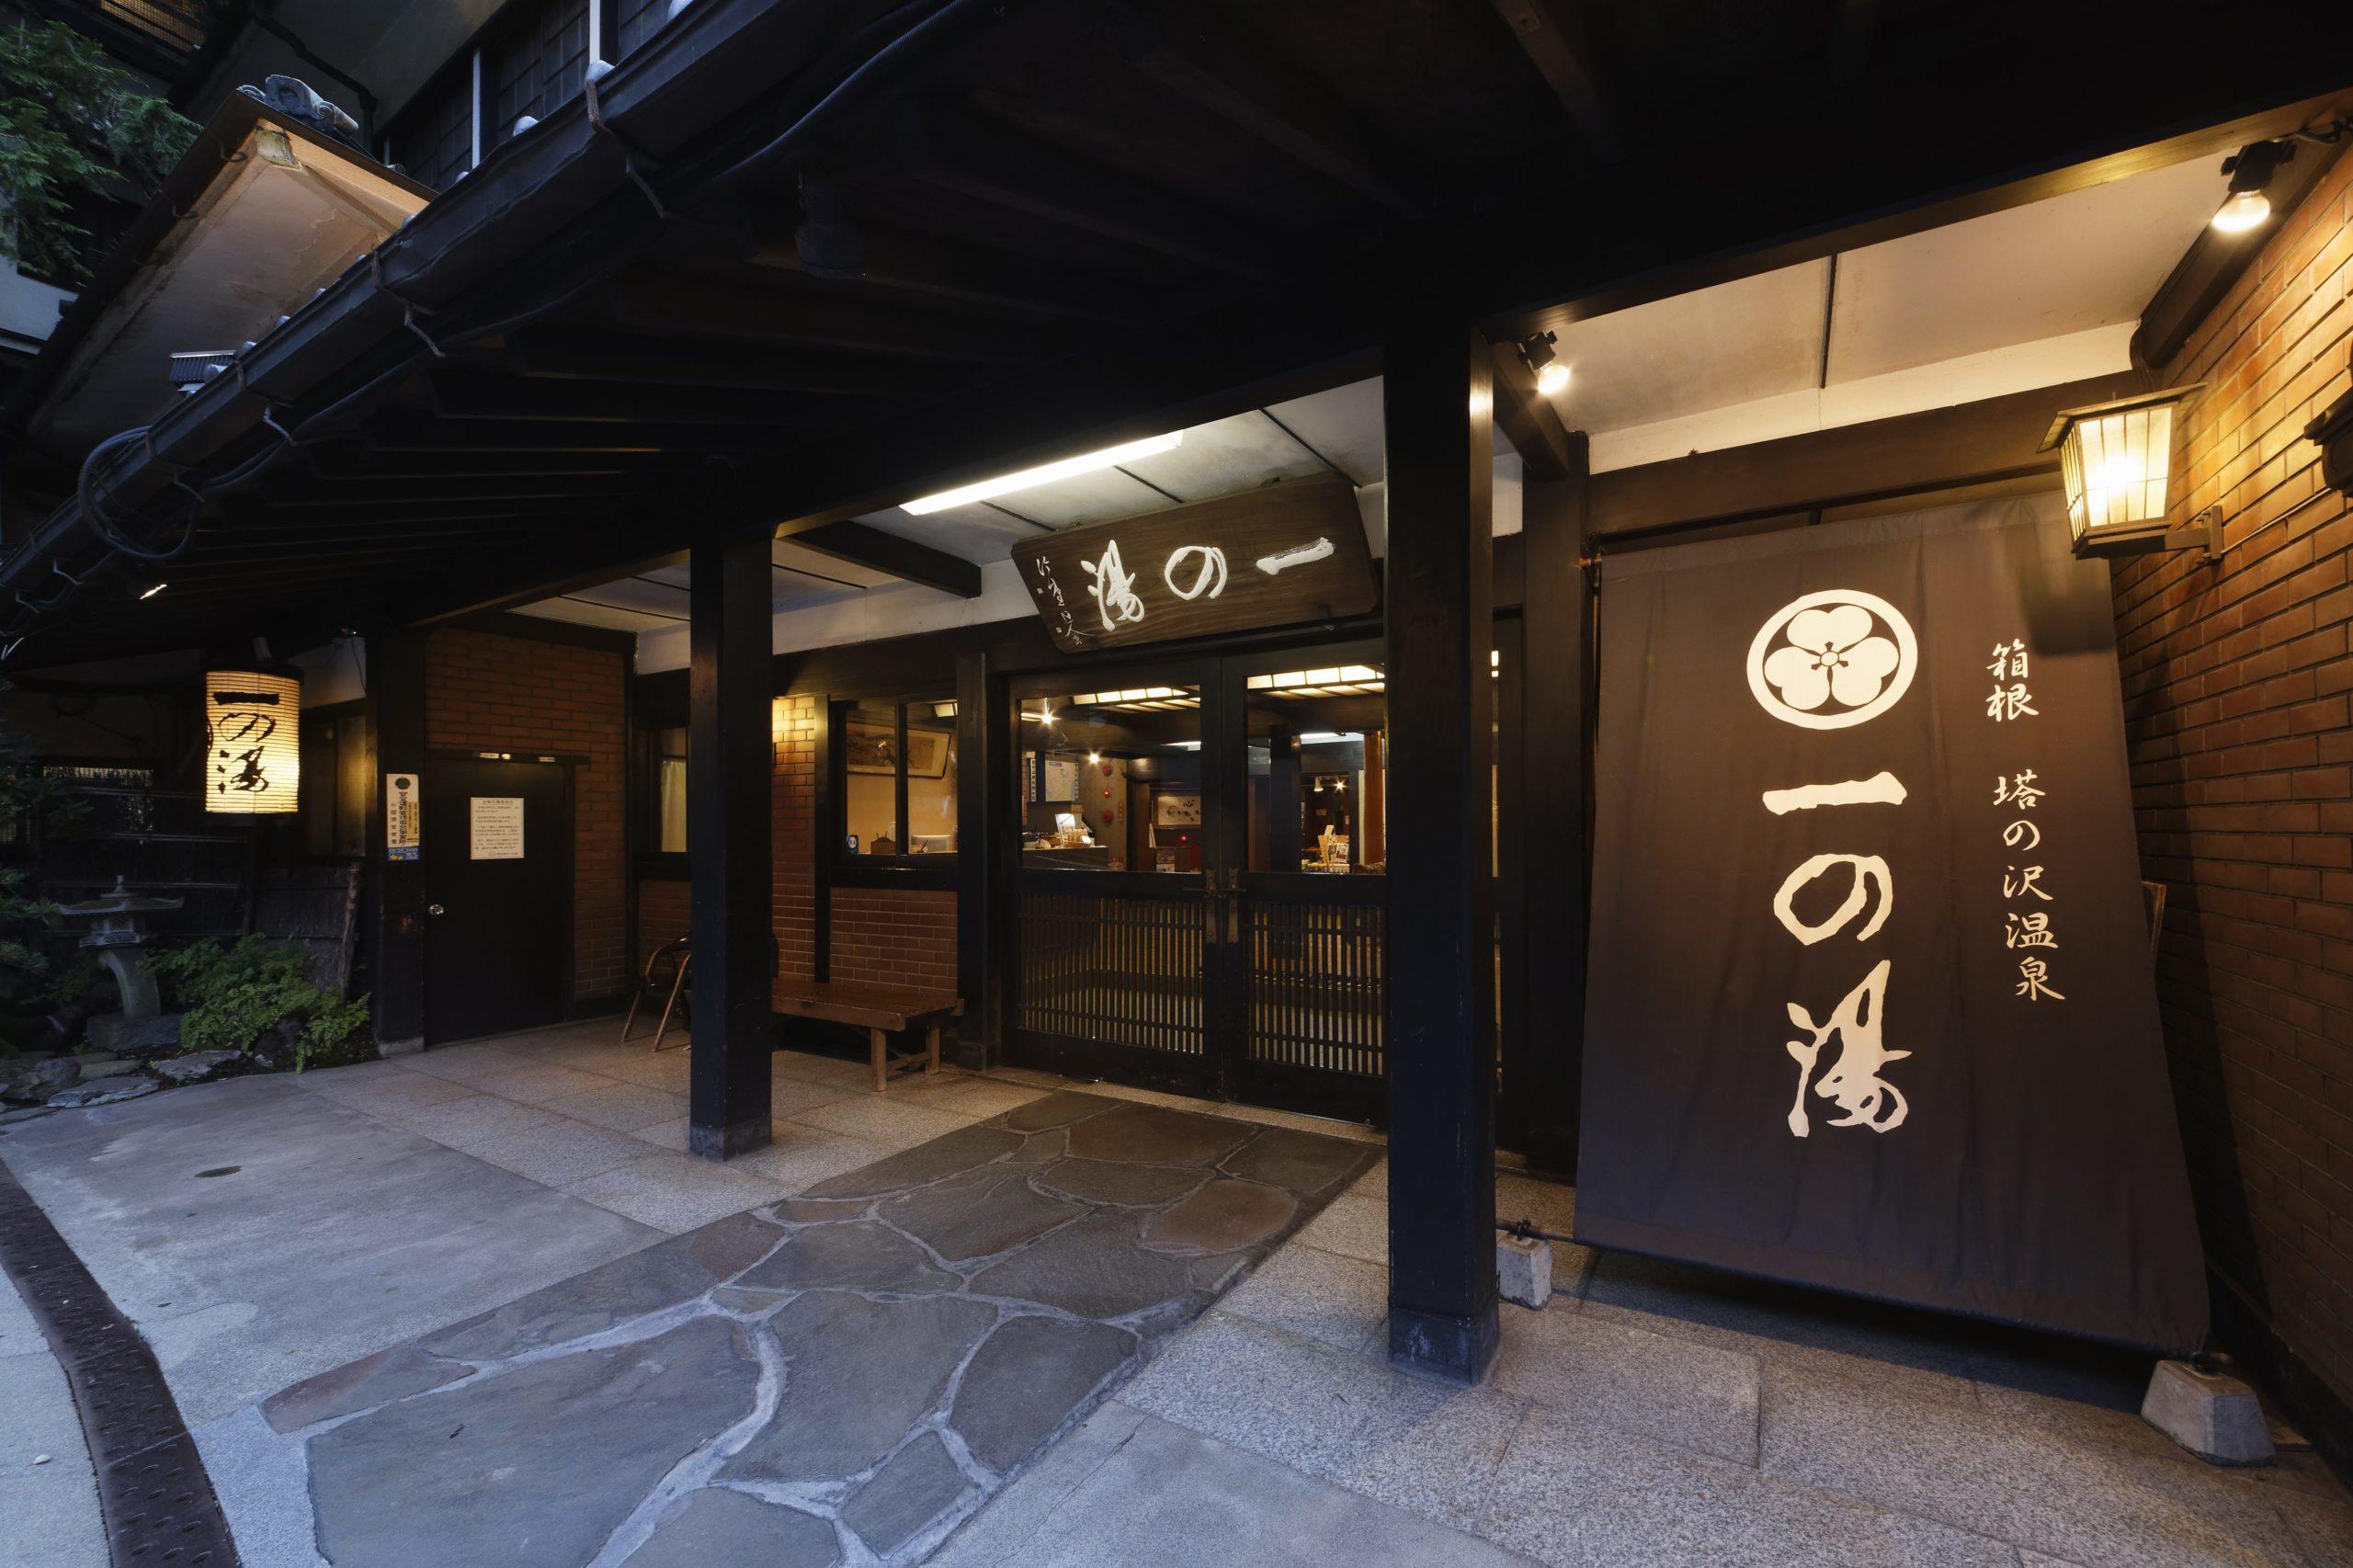 創業390年の箱根一の湯が「創業390年祭り」で年間39個もの企画を実施